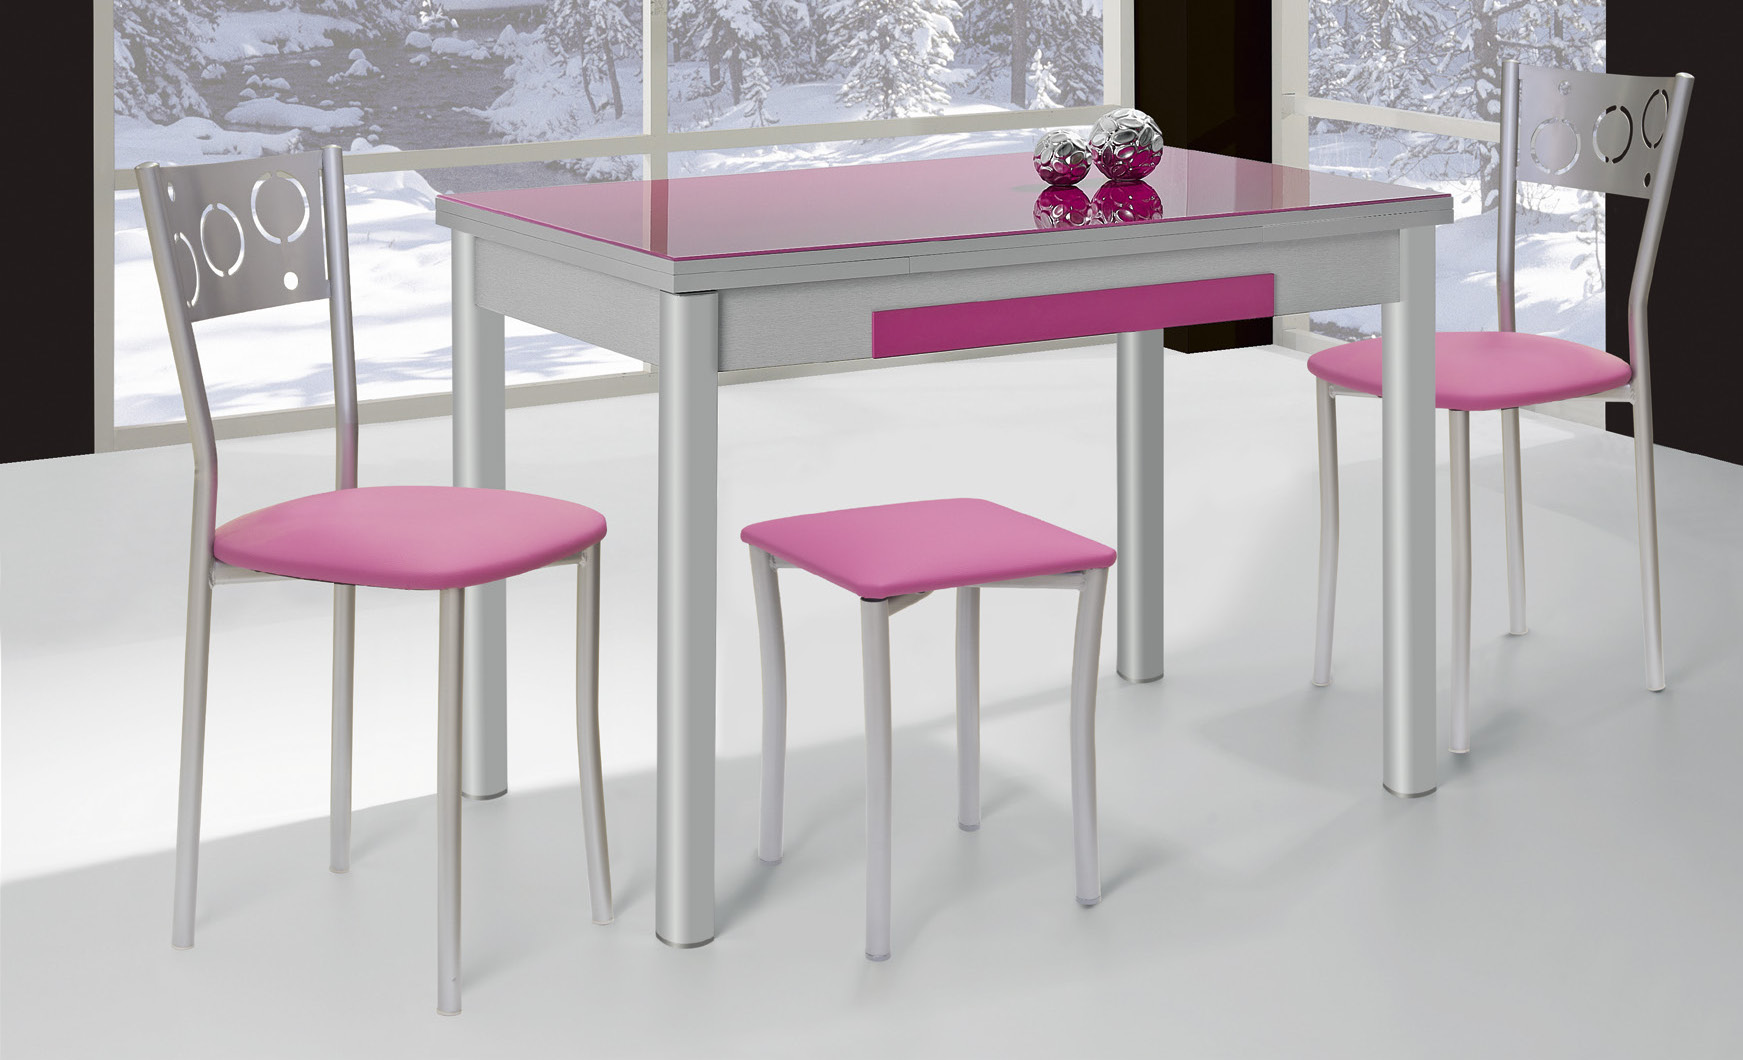 Mesas madera-metal / Imeci - Fábrica de Mesas y Sillas de Cocina y ...